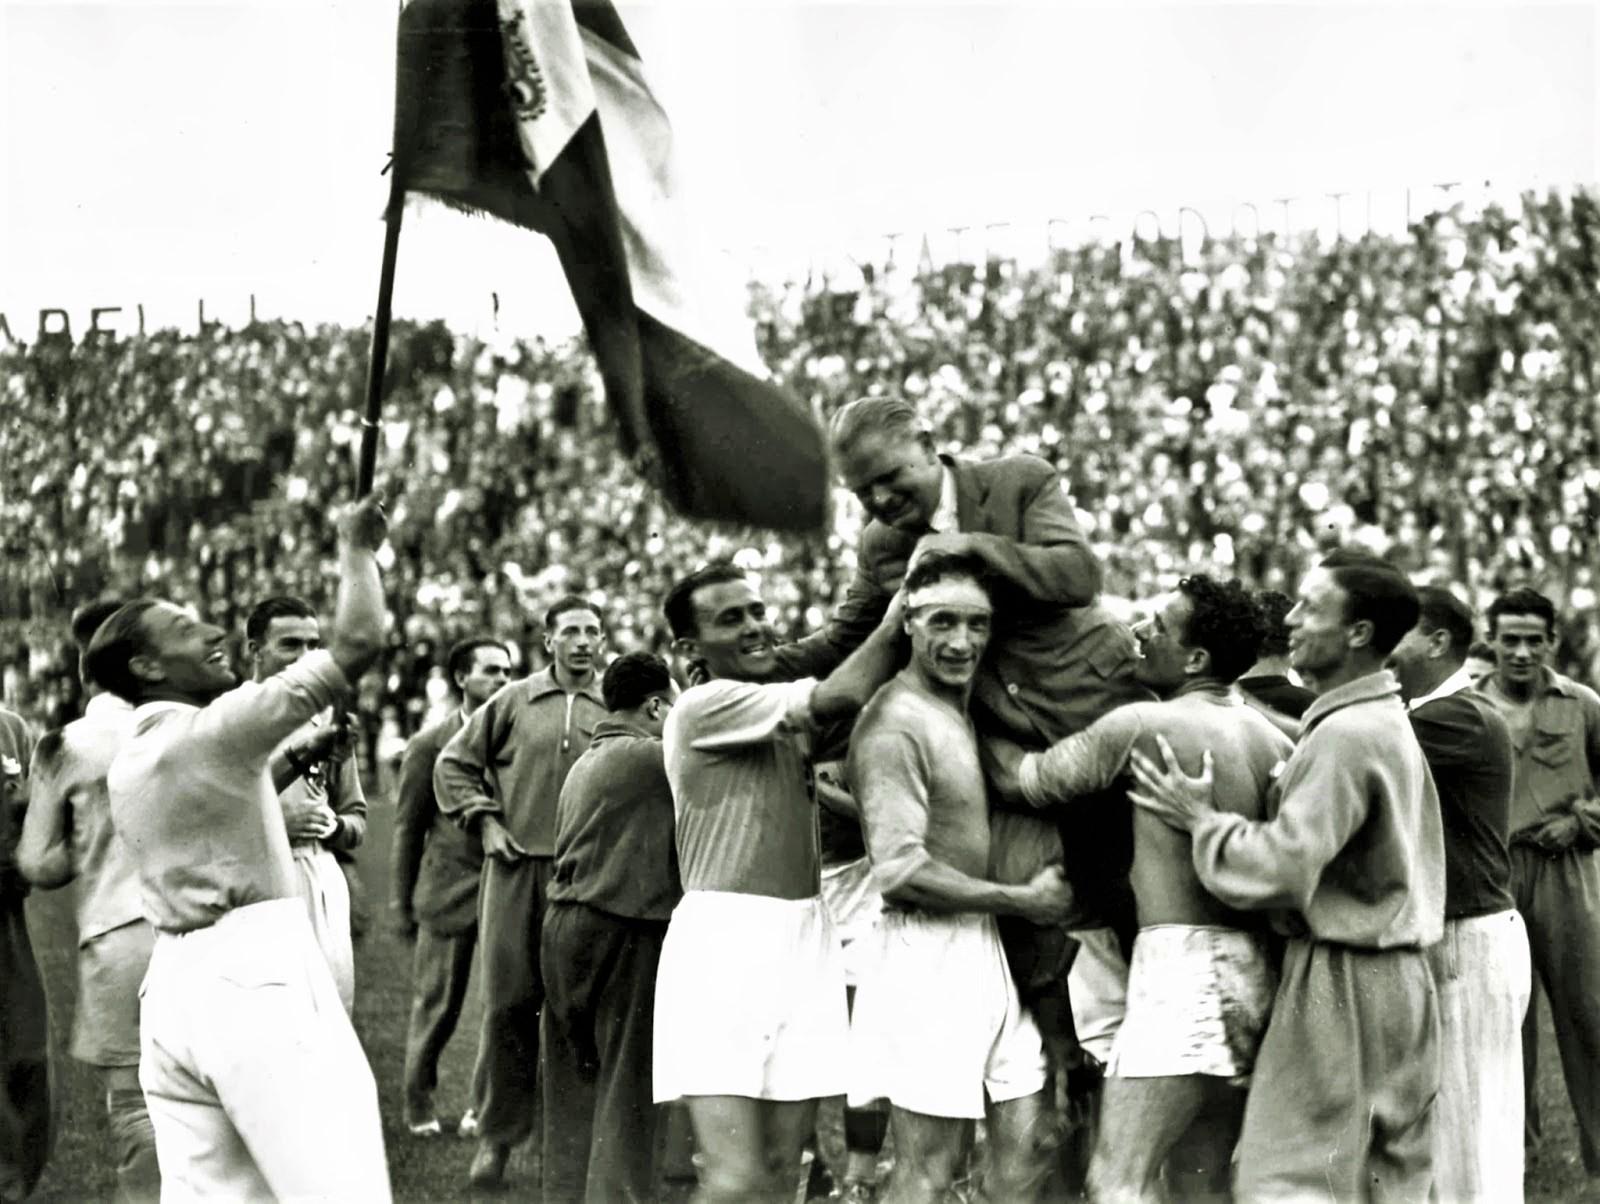 85 anni fa primo Mondiale vinto da Italia…grazie a Mussolini